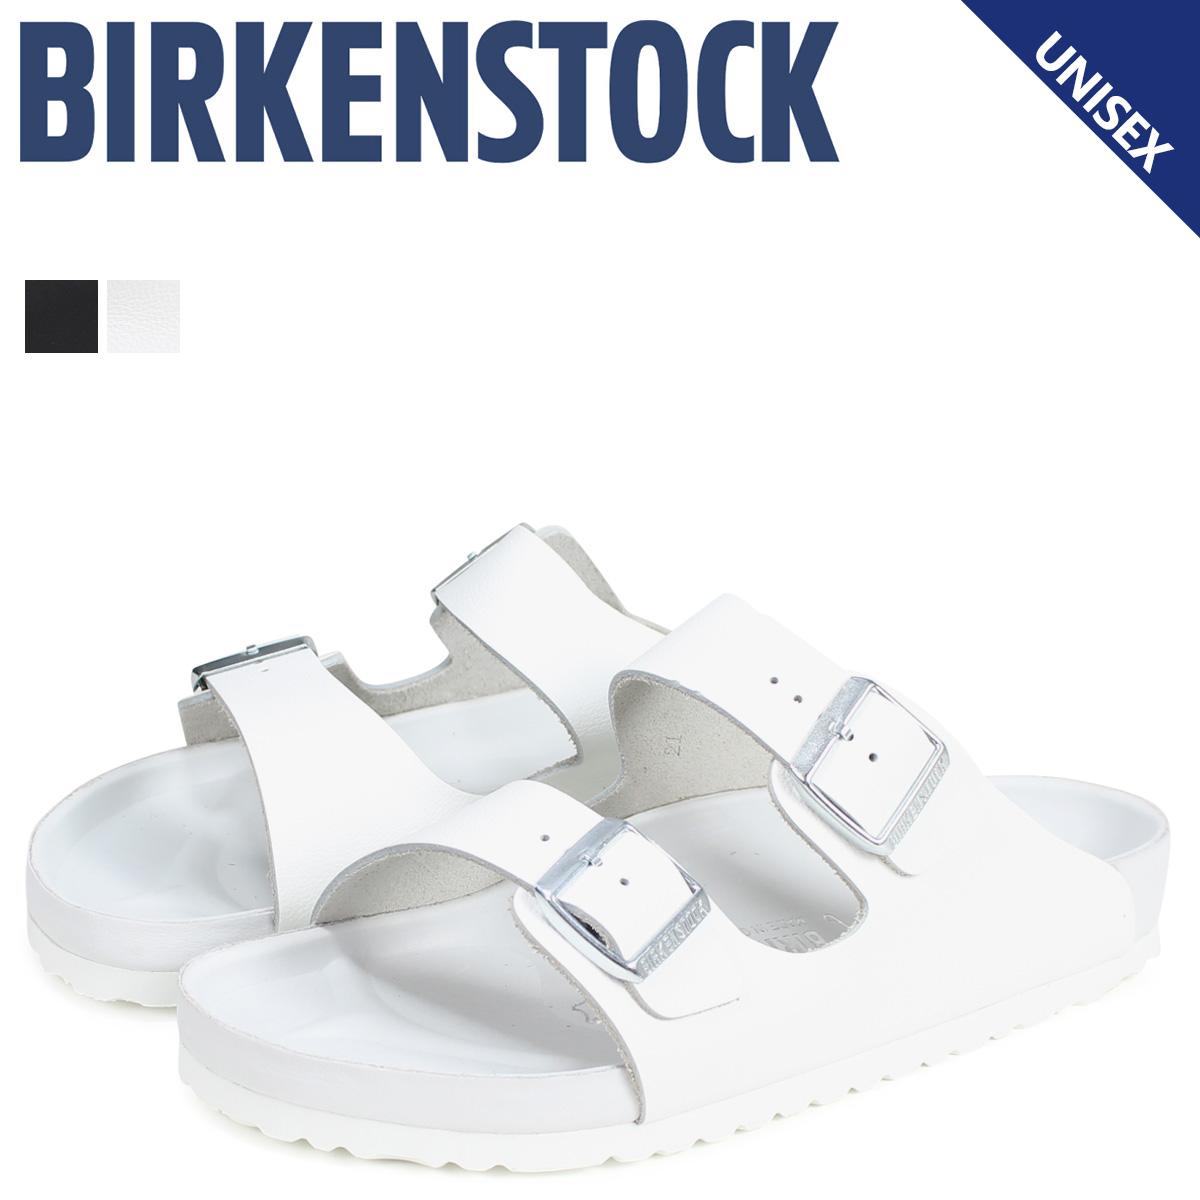 BIRKENSTOCK ビルケンシュトック モントレー メンズ レディース MONTEREY ビルケン サンダル 普通幅 細幅 ブラック ホワイト 黒 白